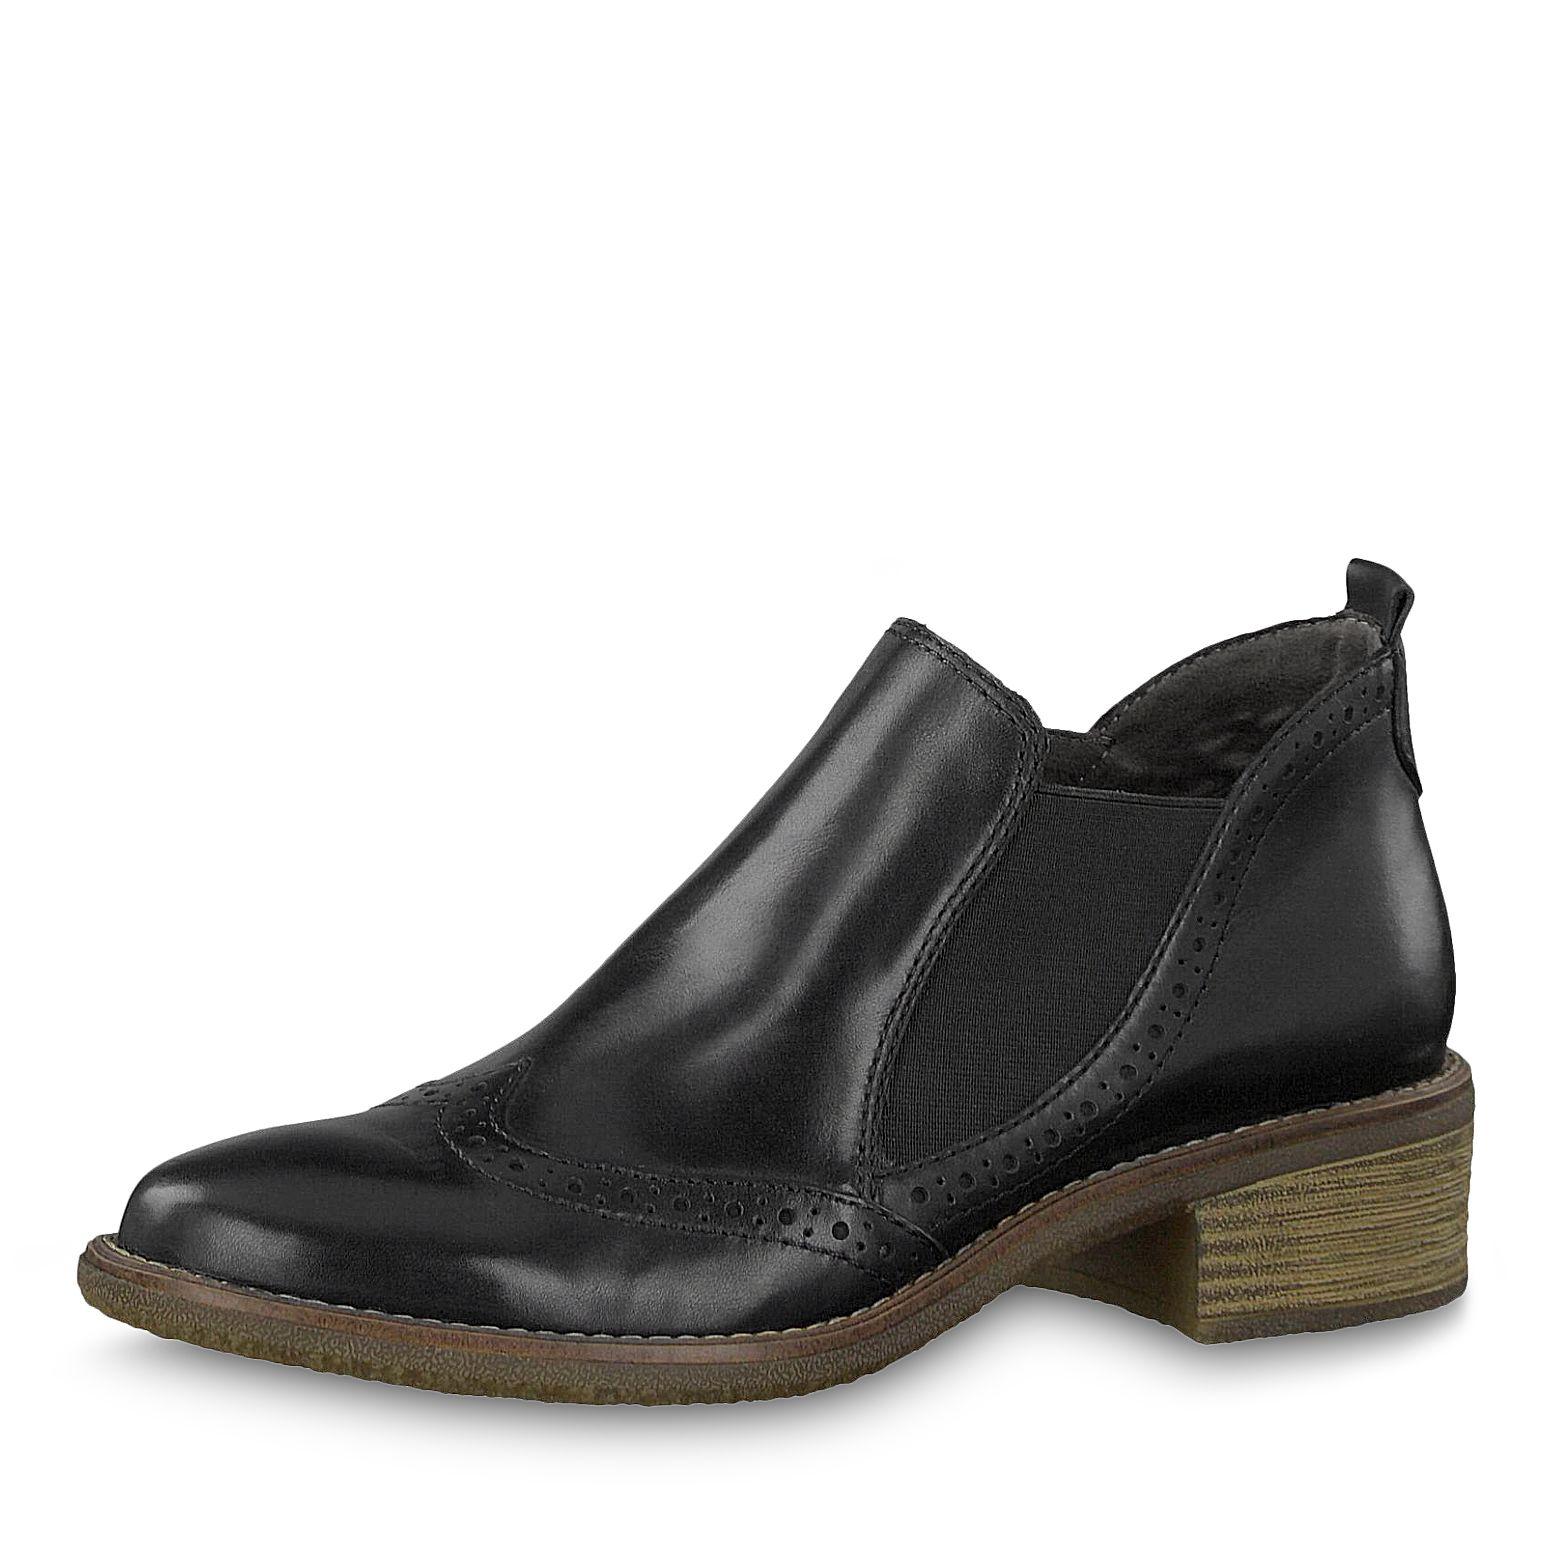 joudy 1 1 25375 29 achetez en ligne les chaussures basses de tamaris. Black Bedroom Furniture Sets. Home Design Ideas